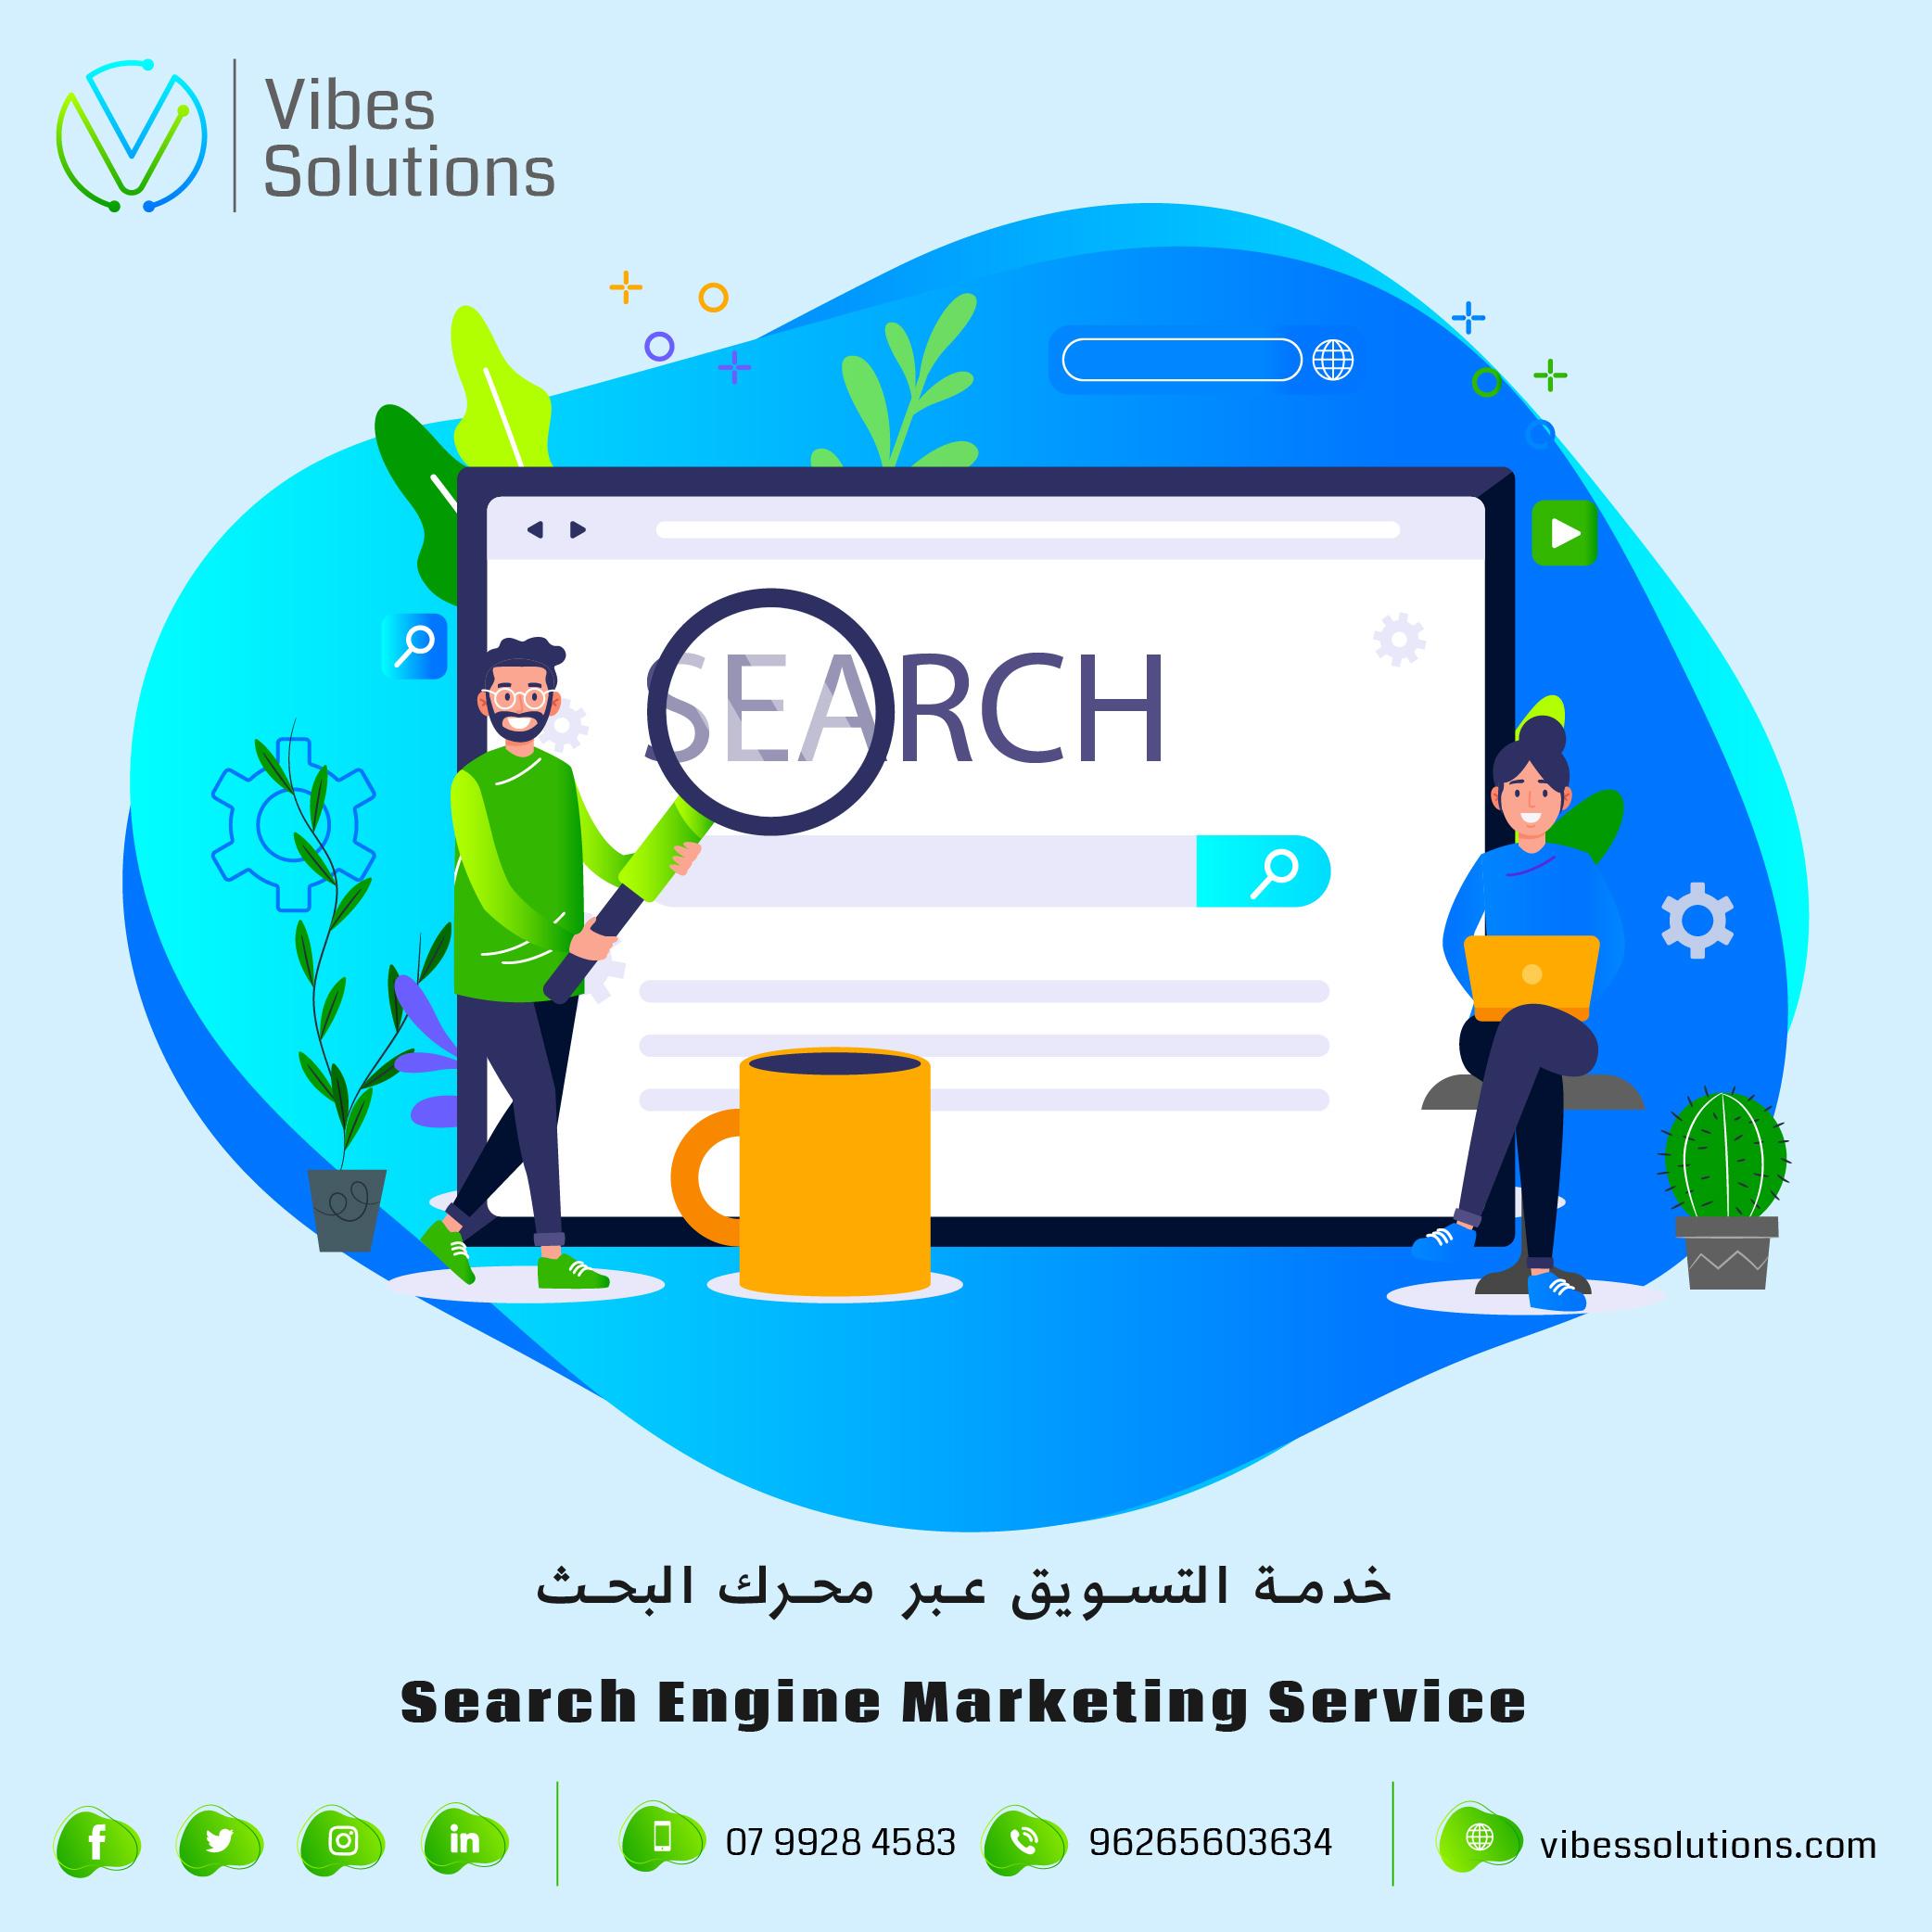 خدمة التسويق عبر محركات البحث